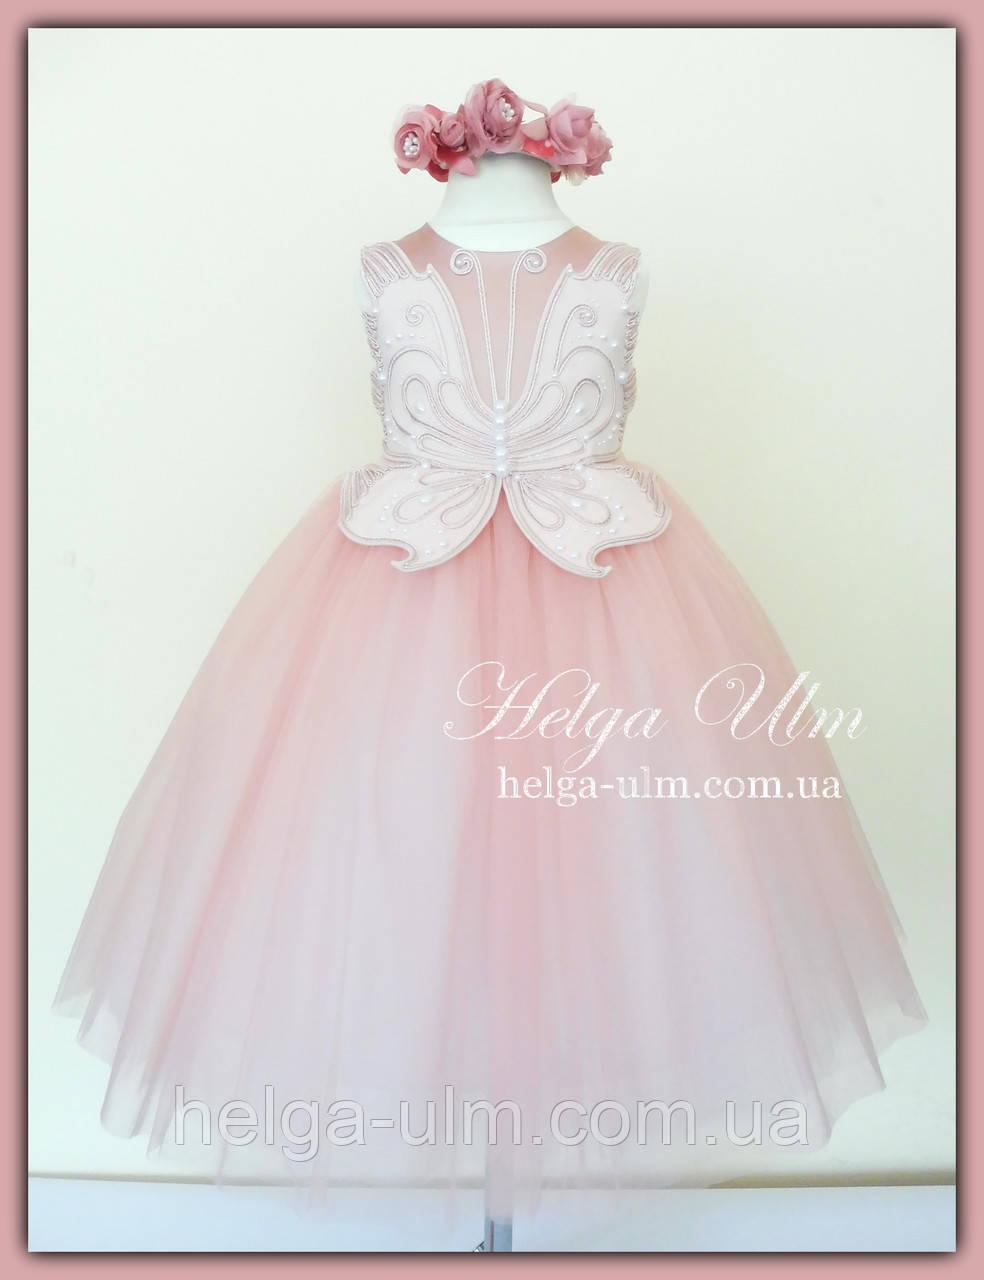 Пишна бальна сукня для дівчинки